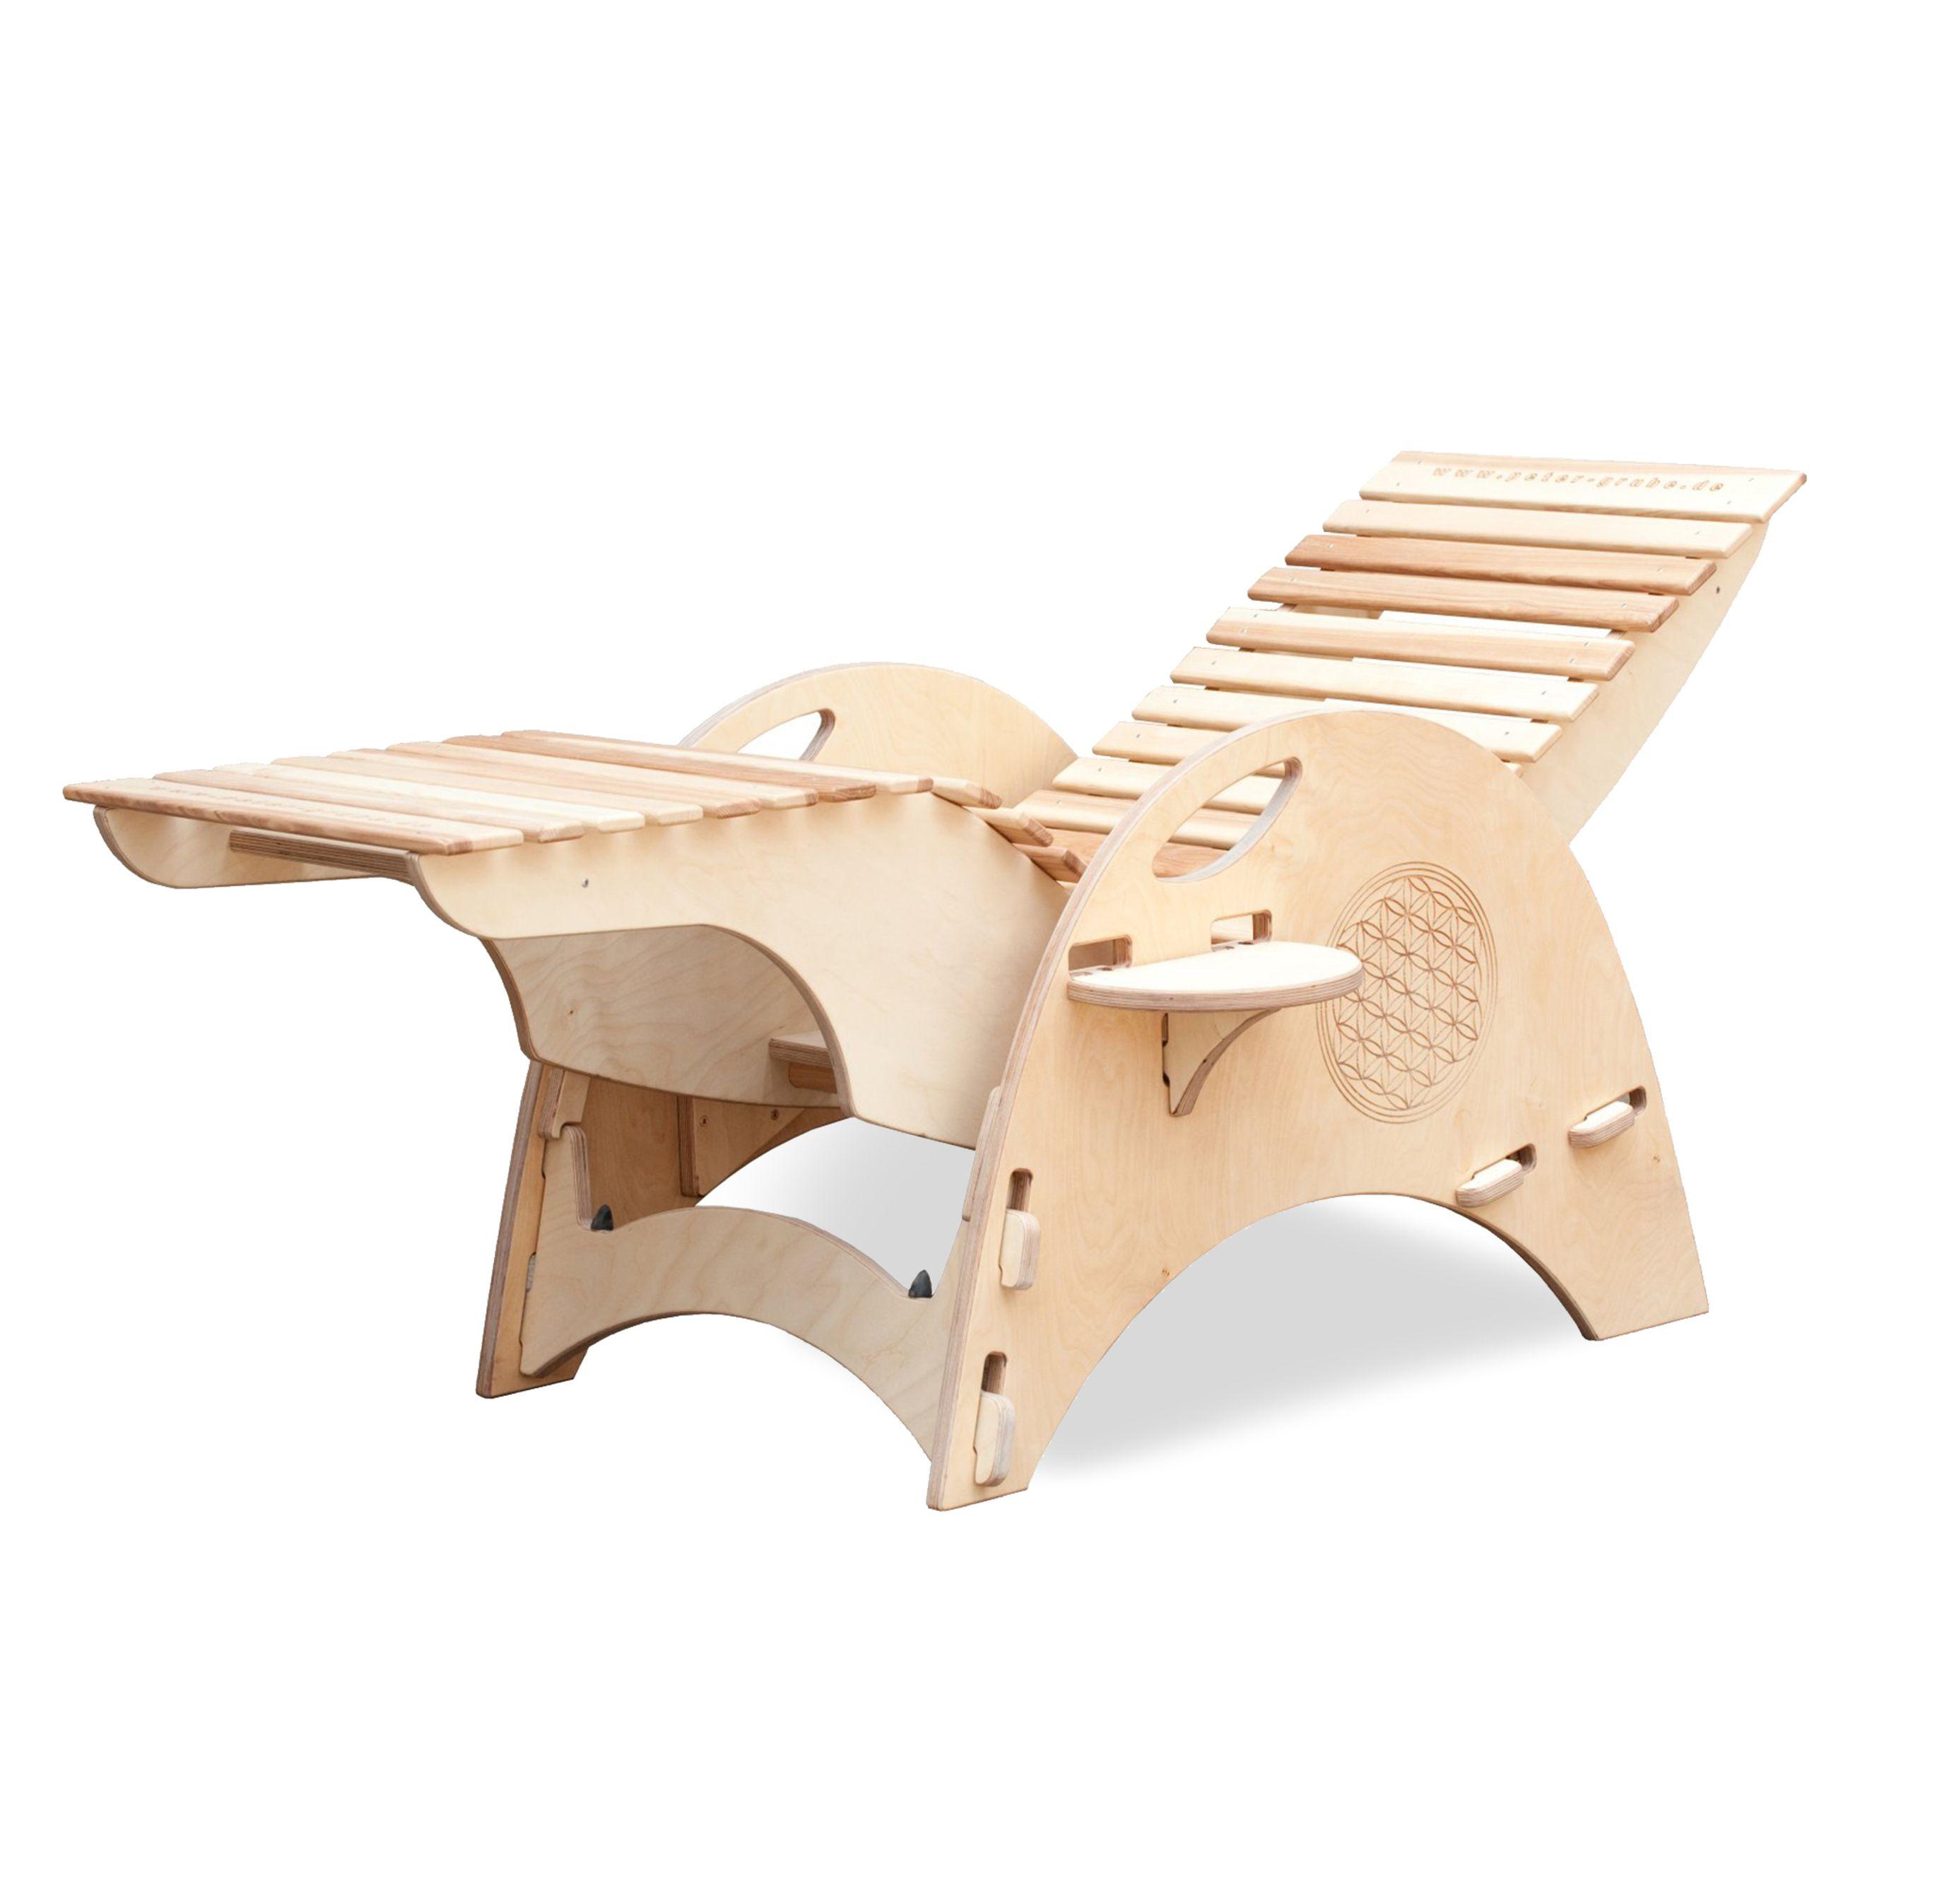 Inspirational Bio Relaxliege f r Garten oder Sauna Mit Wippfunktion